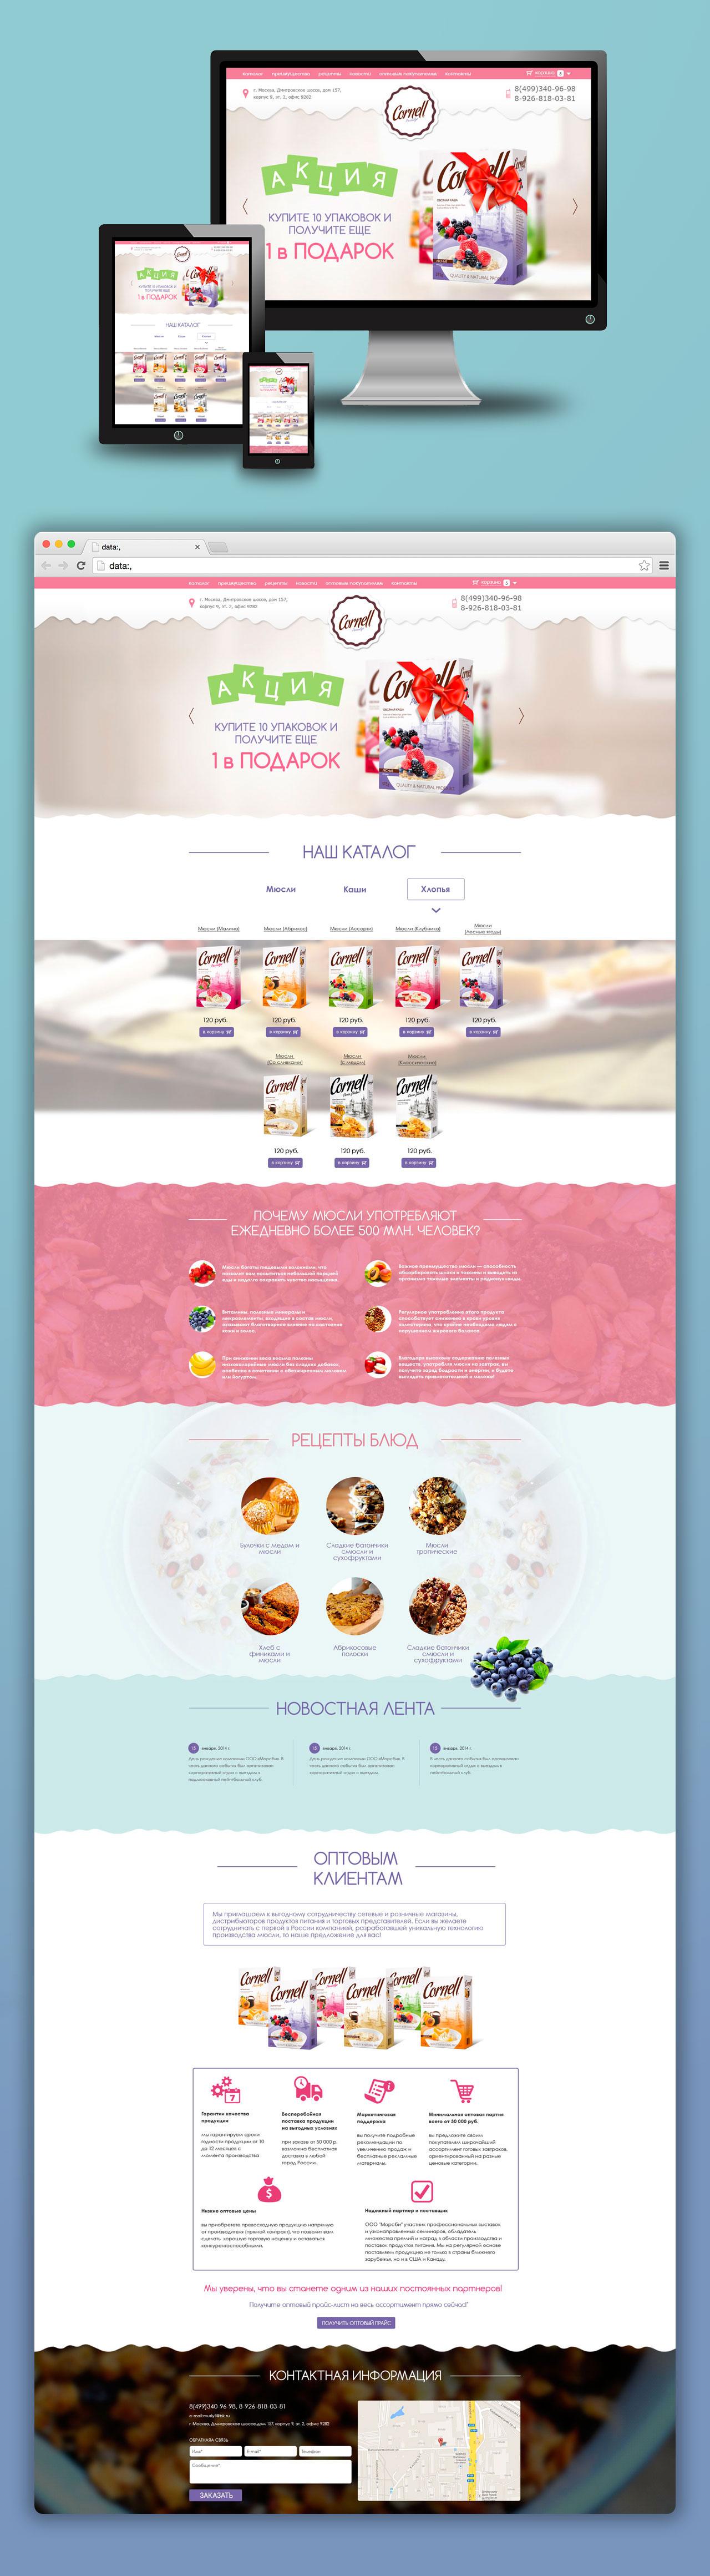 Дизайн Landing Page для производителя мюсли Cornell